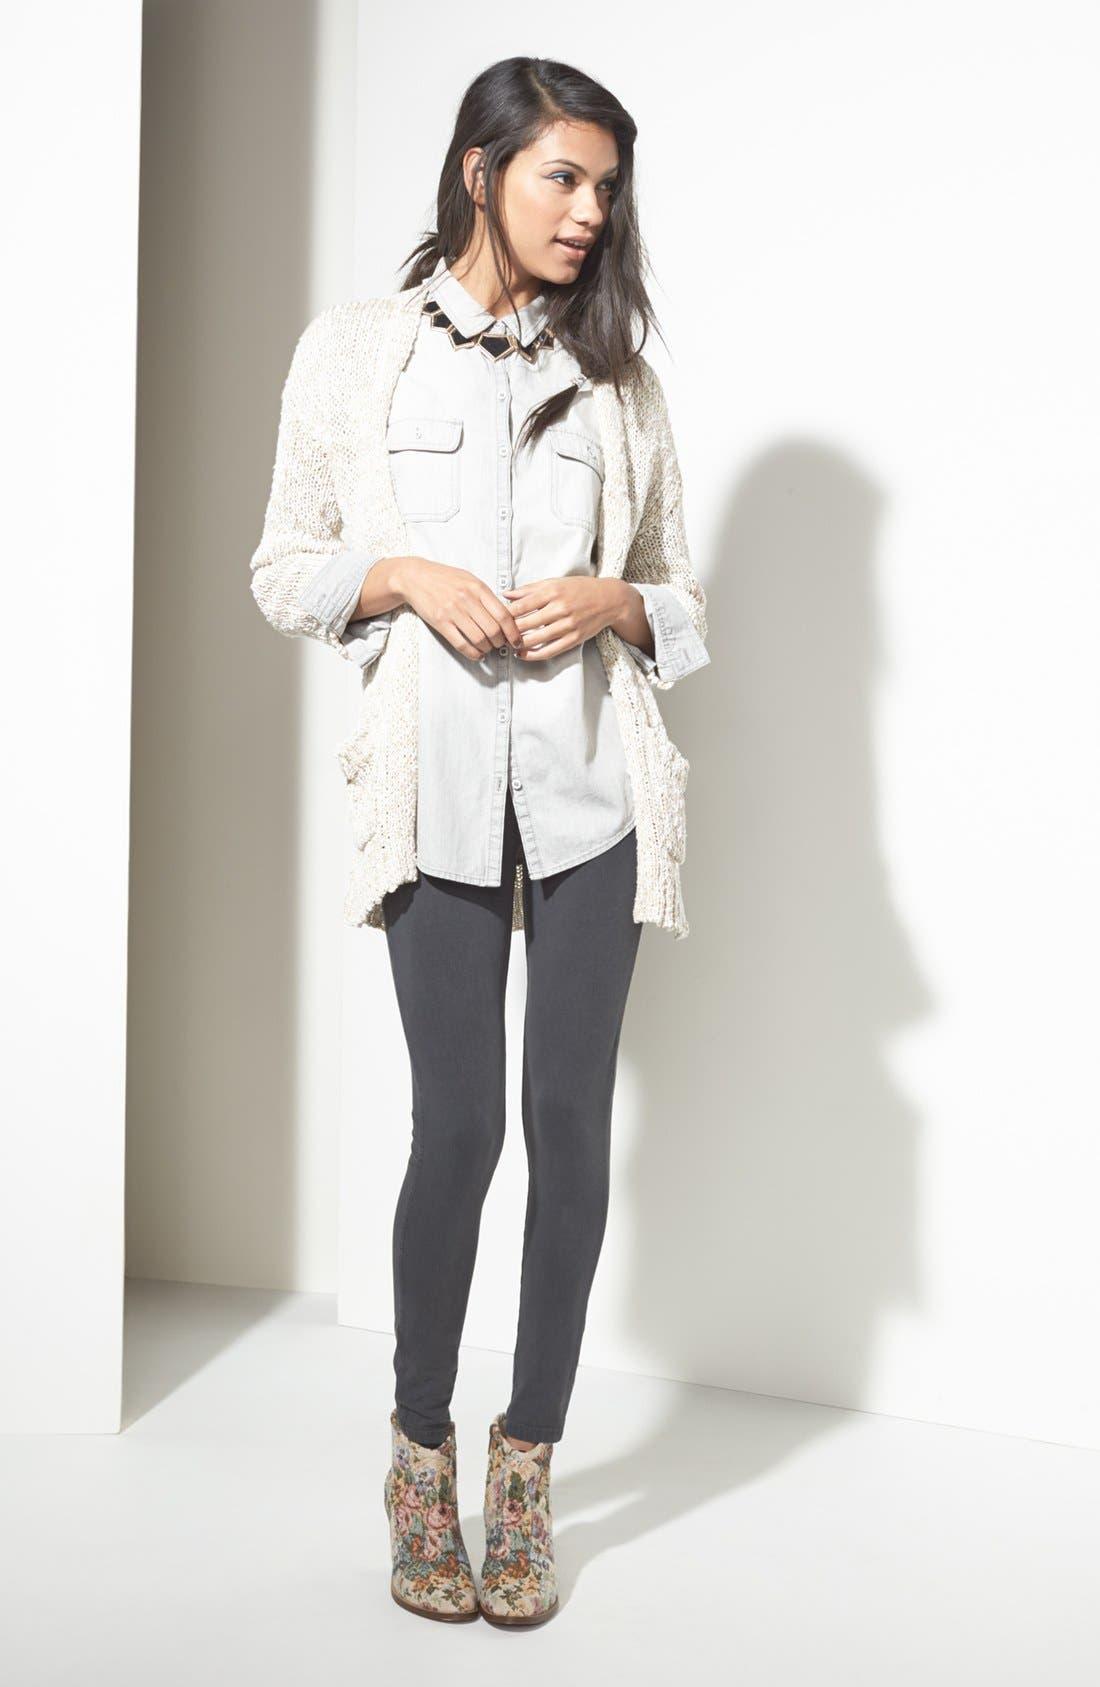 Alternate Image 1 Selected - BP. Chambray Shirt, Rubbish® Cardigan & Denim Leggings